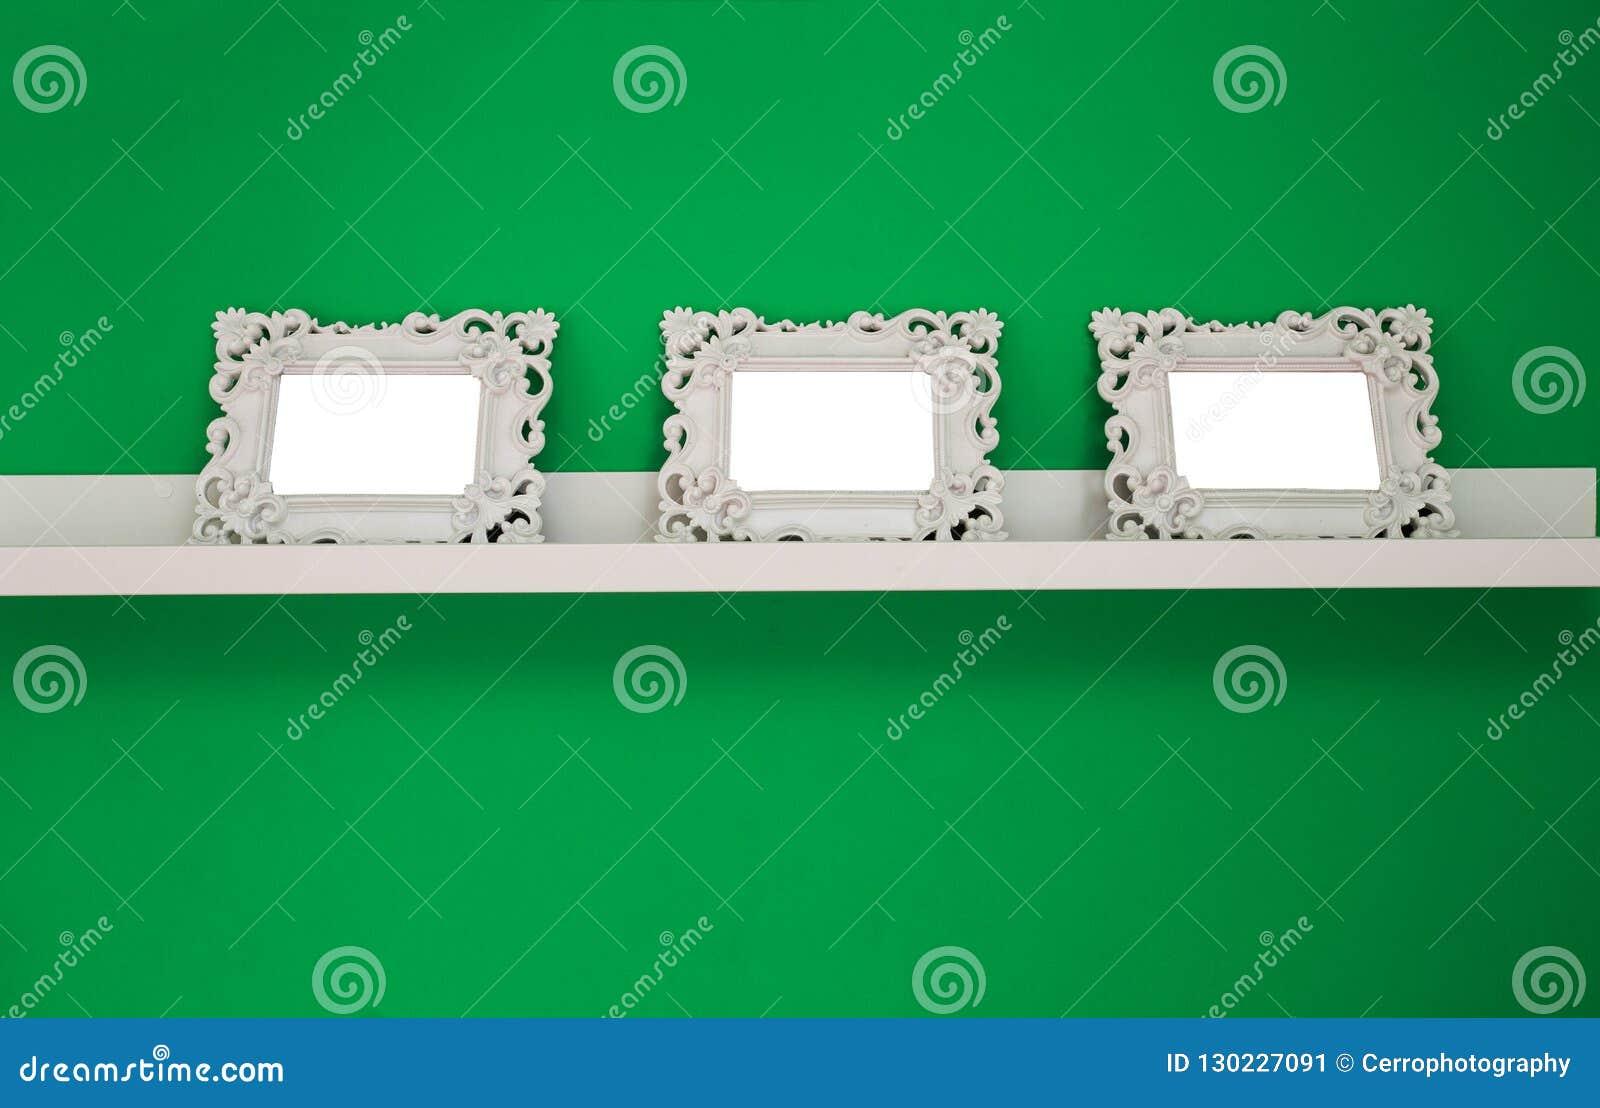 3 белых пустых рамки фото на зеленой стене и деревянной полке, космос для текста или фото